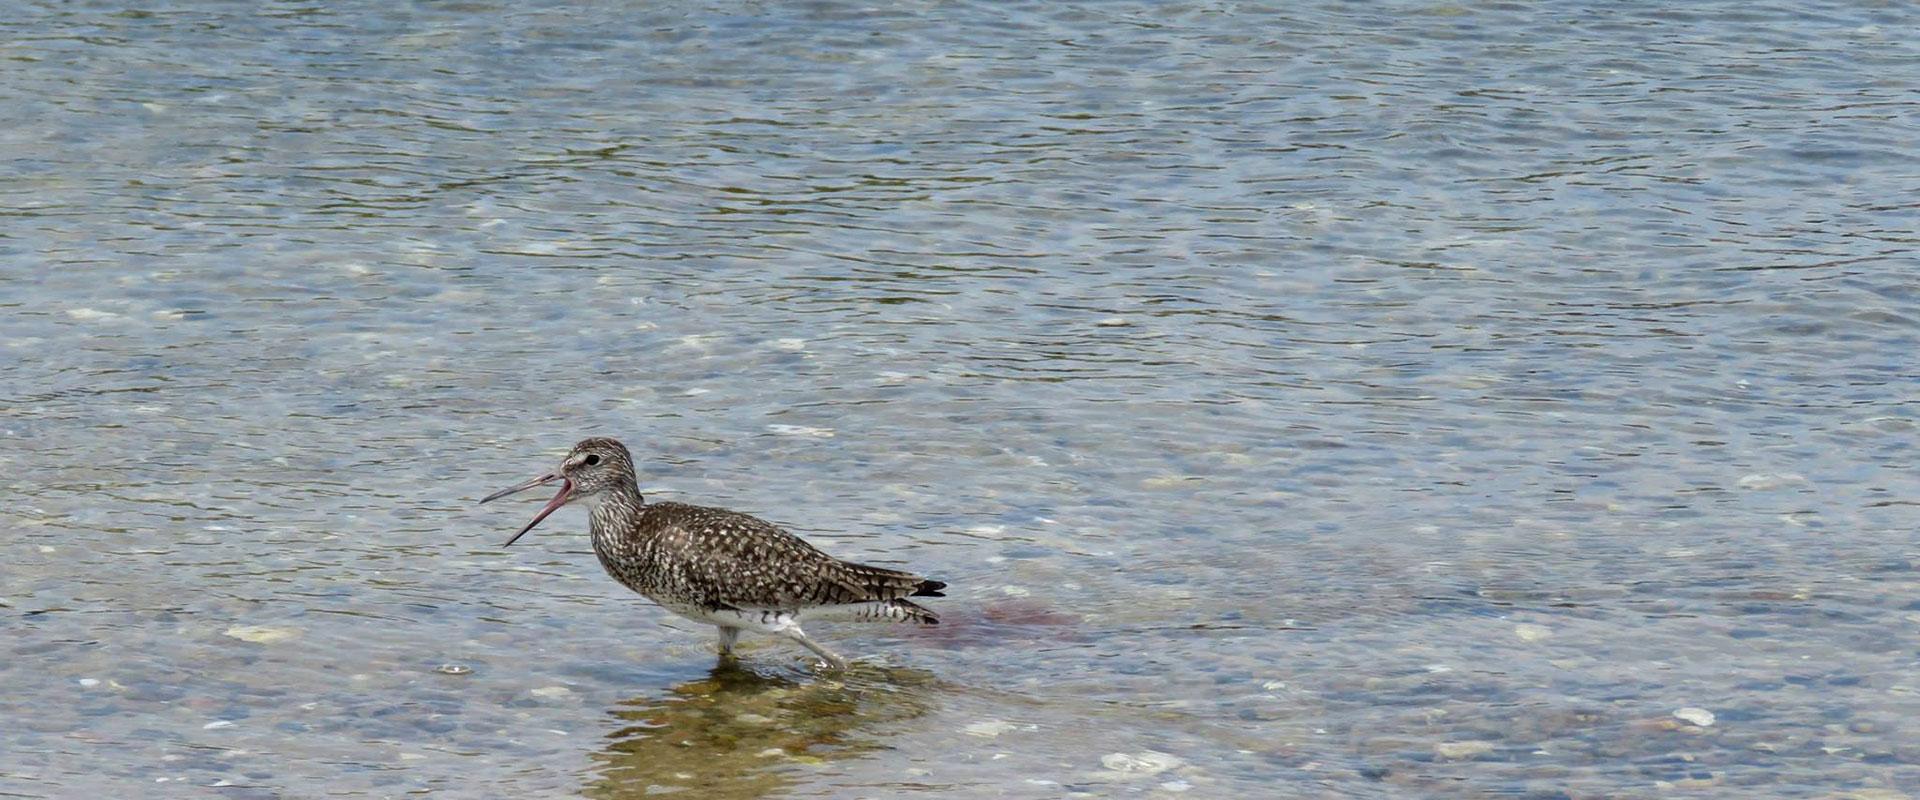 willet bird in water